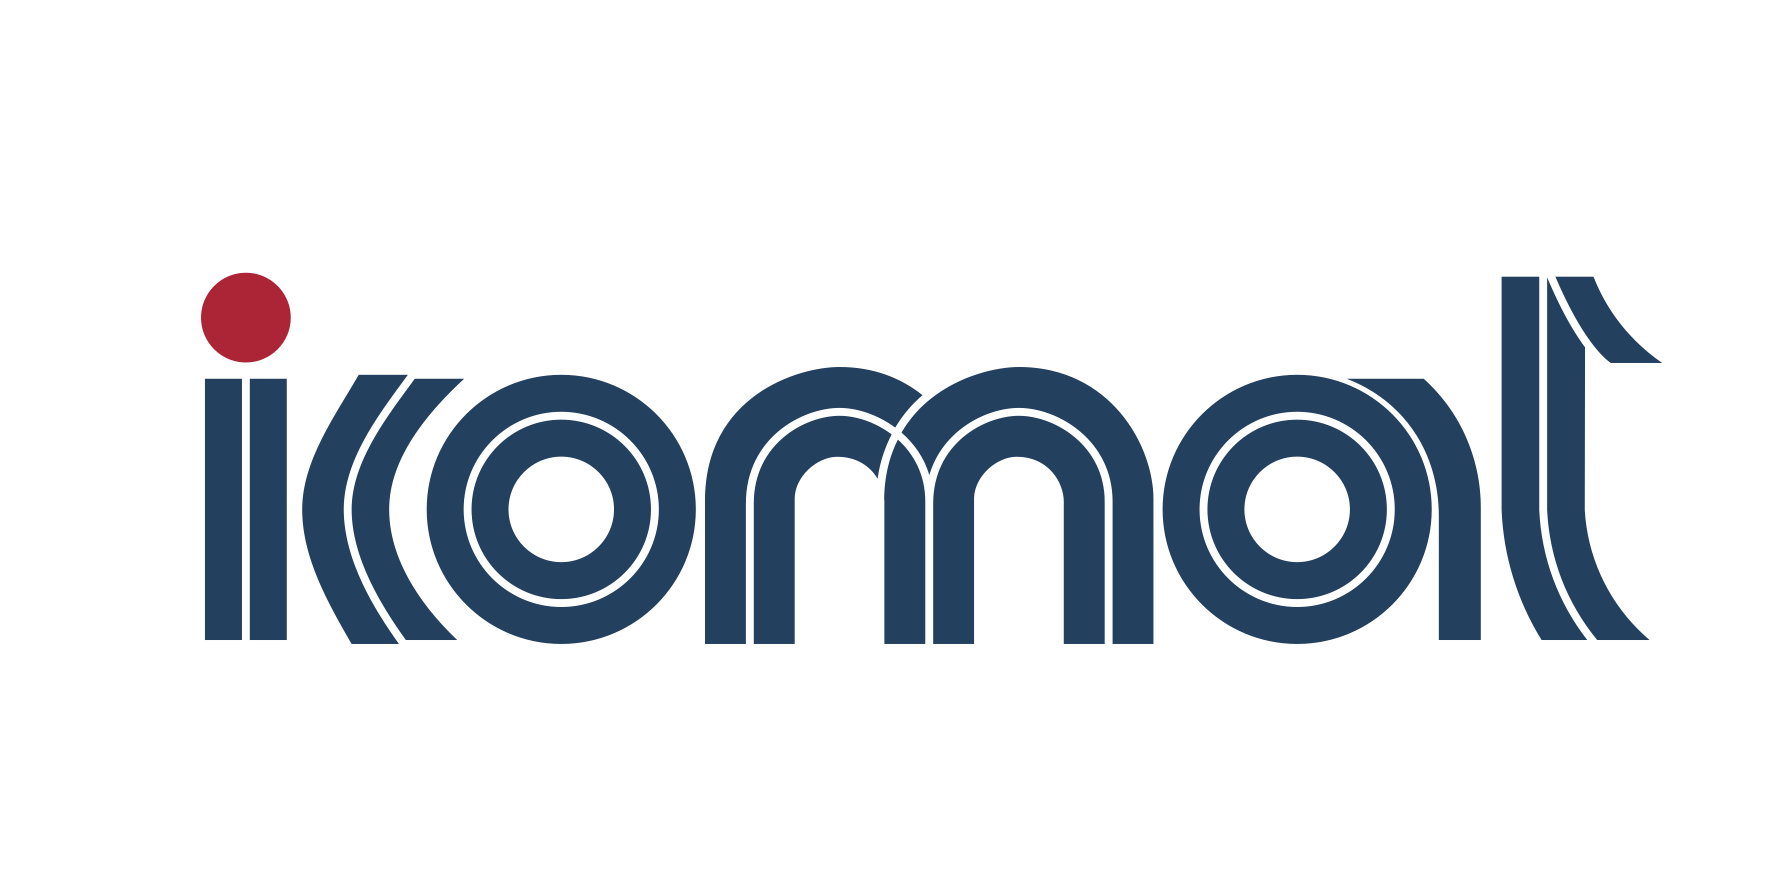 iCOMAT product logo